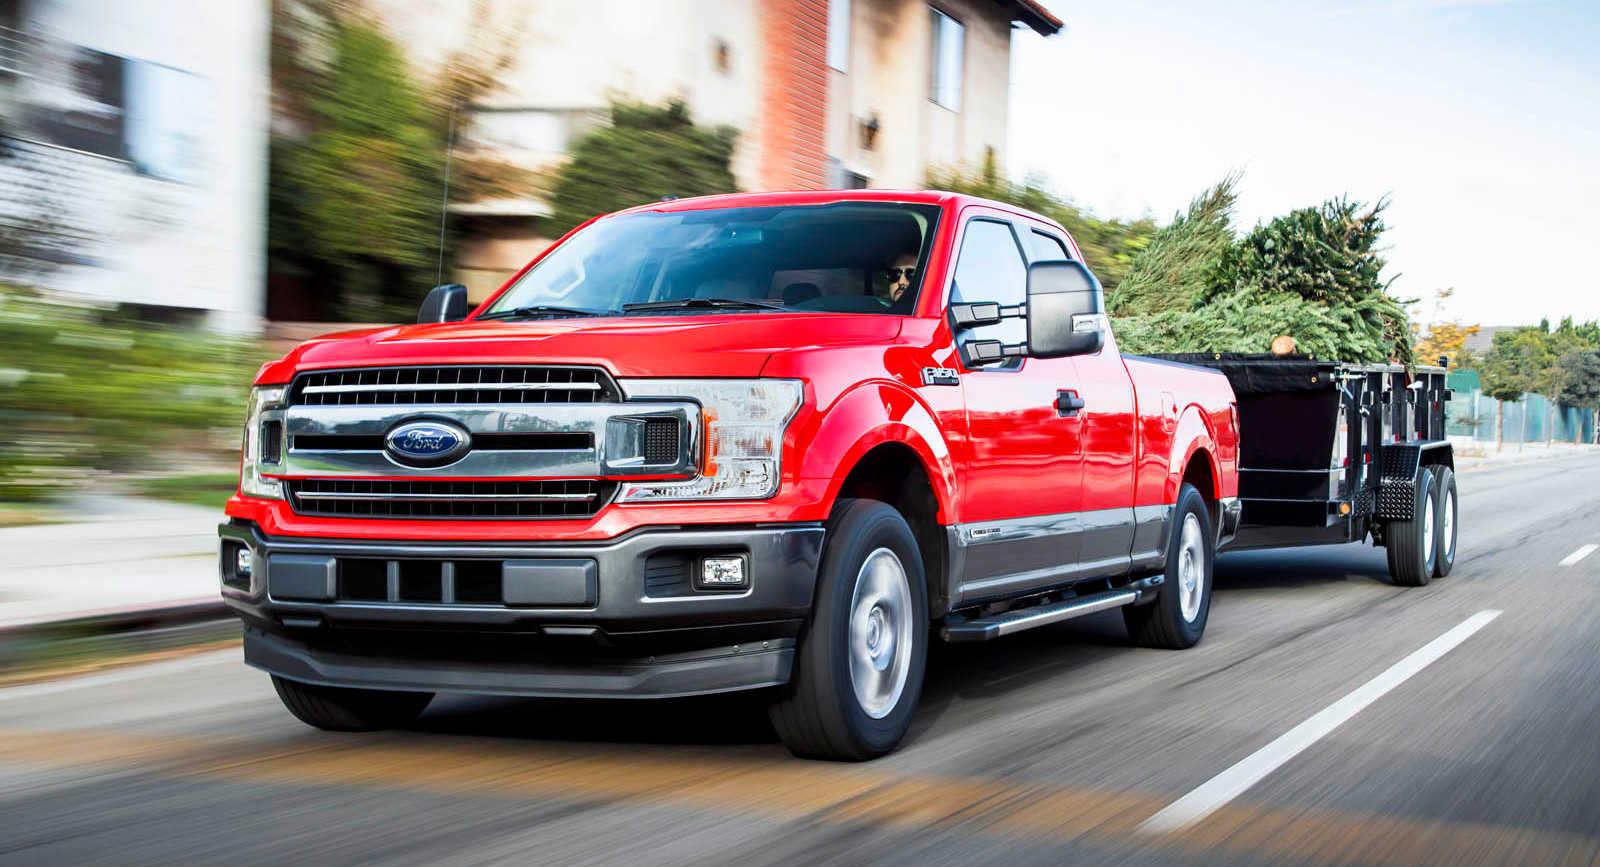 Најпродаваното возило во САД добива електричен погон